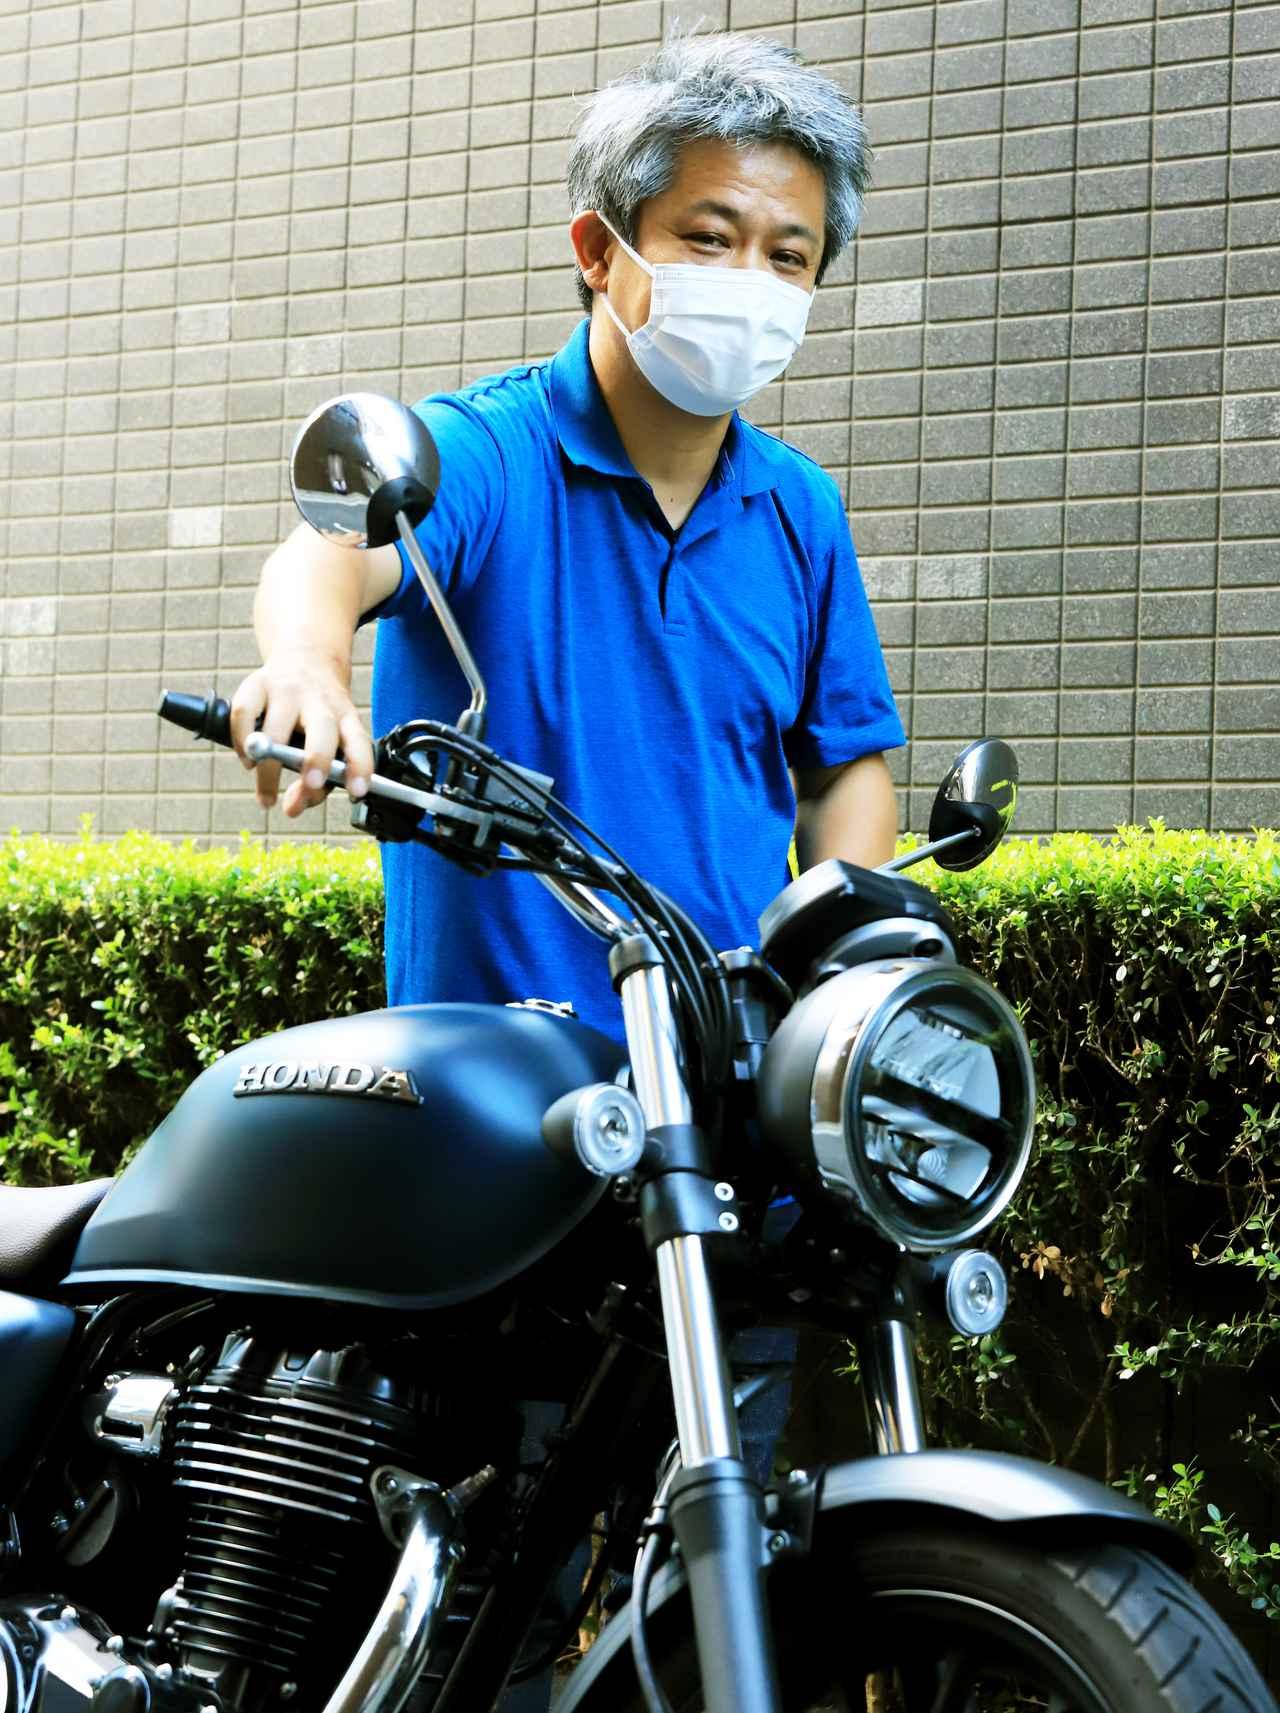 画像: 小松信夫が選ぶ2021年のナンバーワン・バイク【ジャパン・バイク・オブ・ザ・イヤー 2021 直前企画】